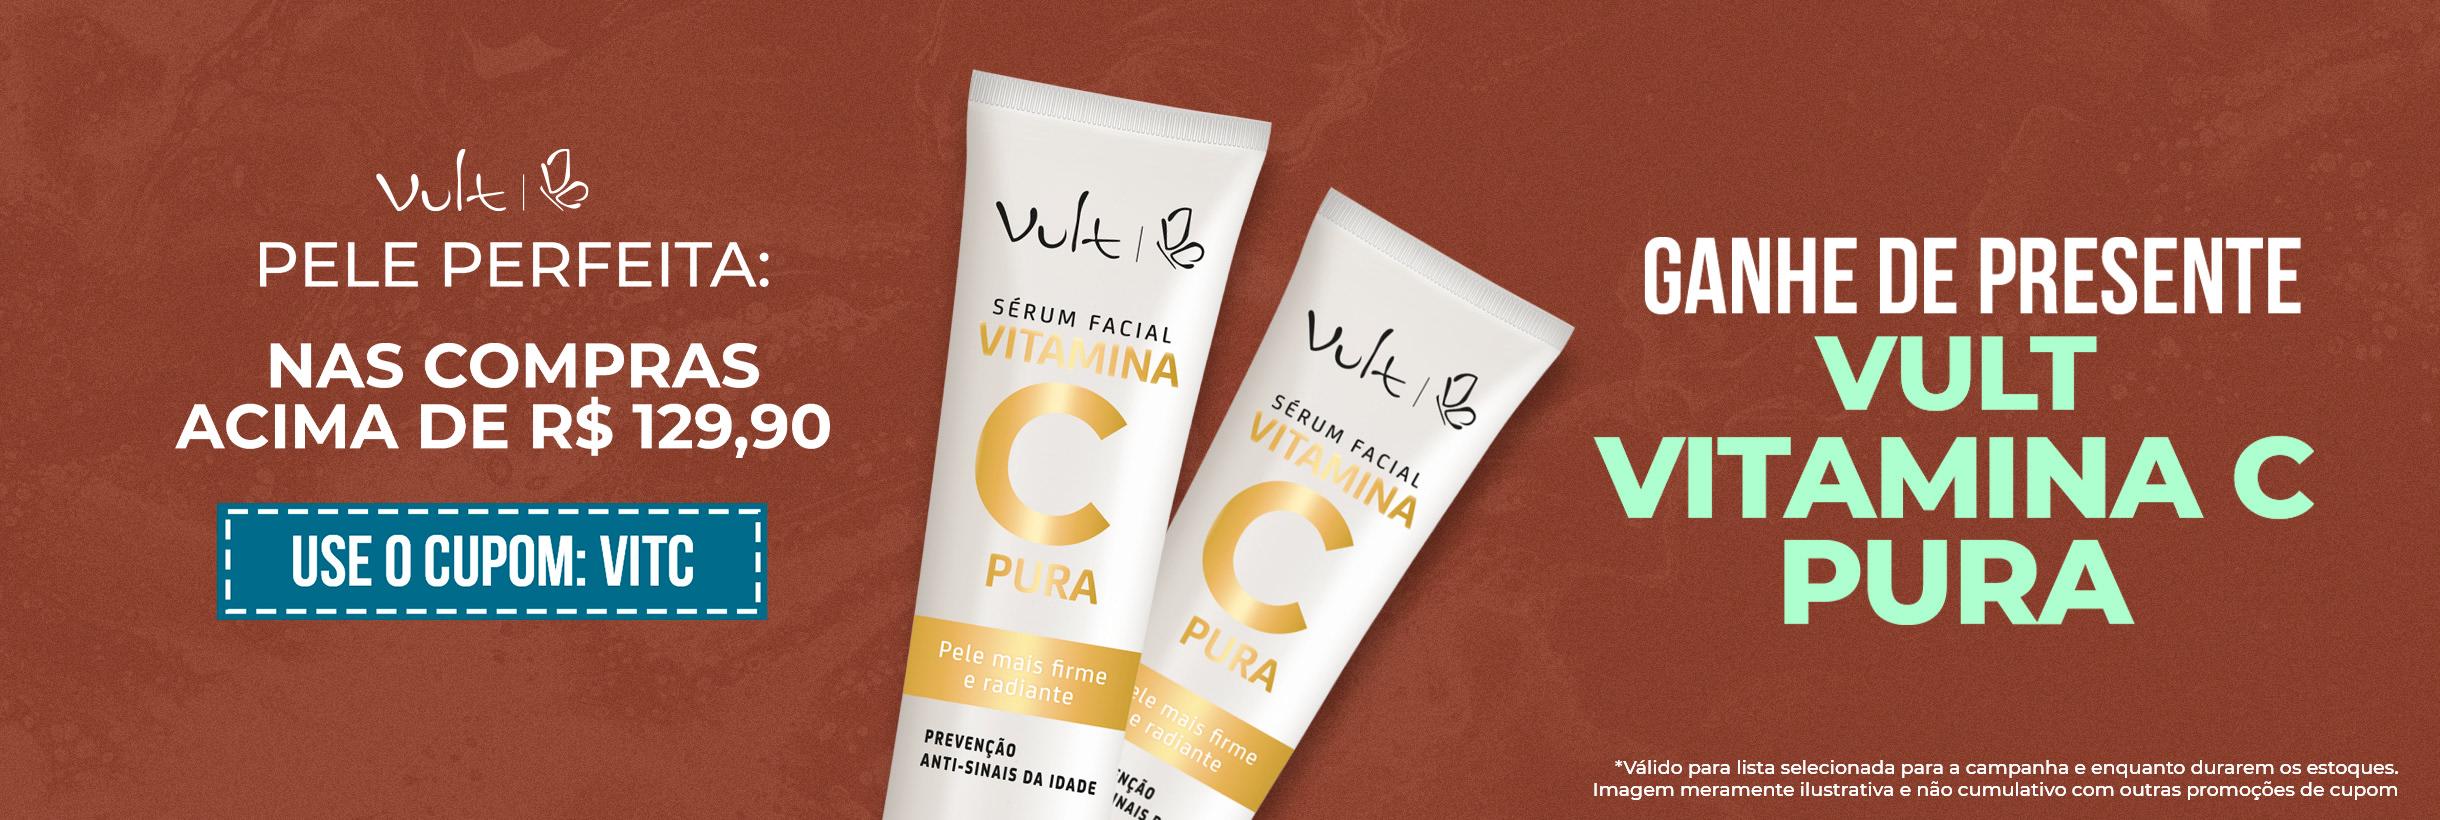 Nas compras acima de R$129,90 ganhe uma Vitamina C